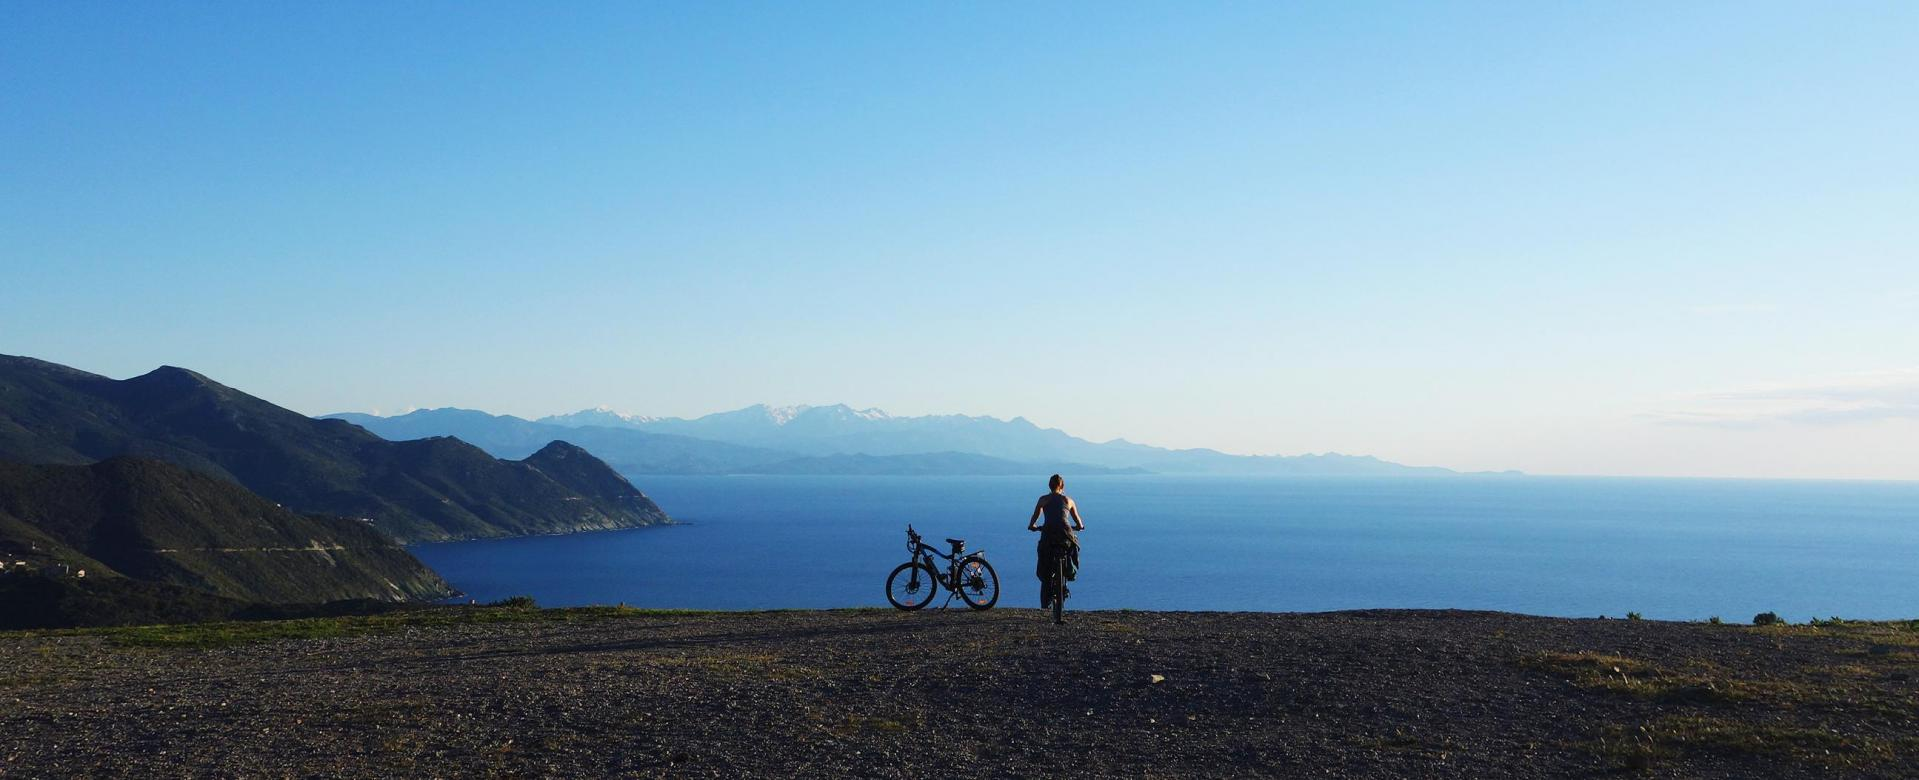 Voyage en véhicule : Le tour du cap corse à vélo